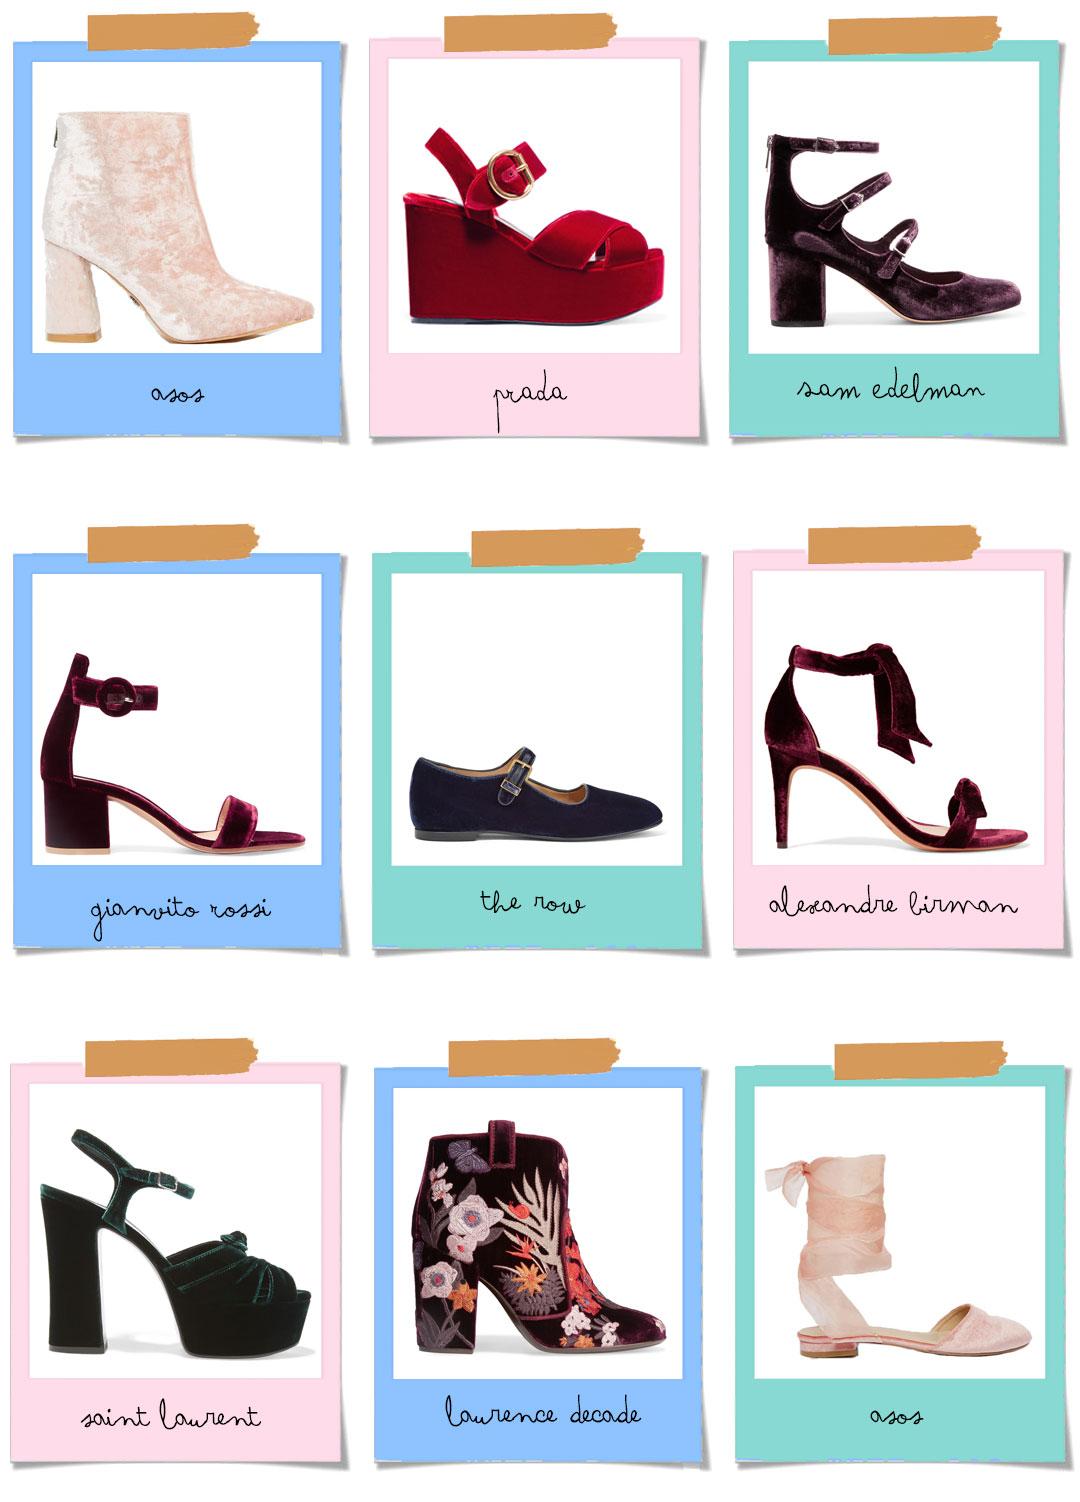 Bonjour Chiara Loves // Trend Alert FW16 Velvet Shoes - www.bonjourchiara.com